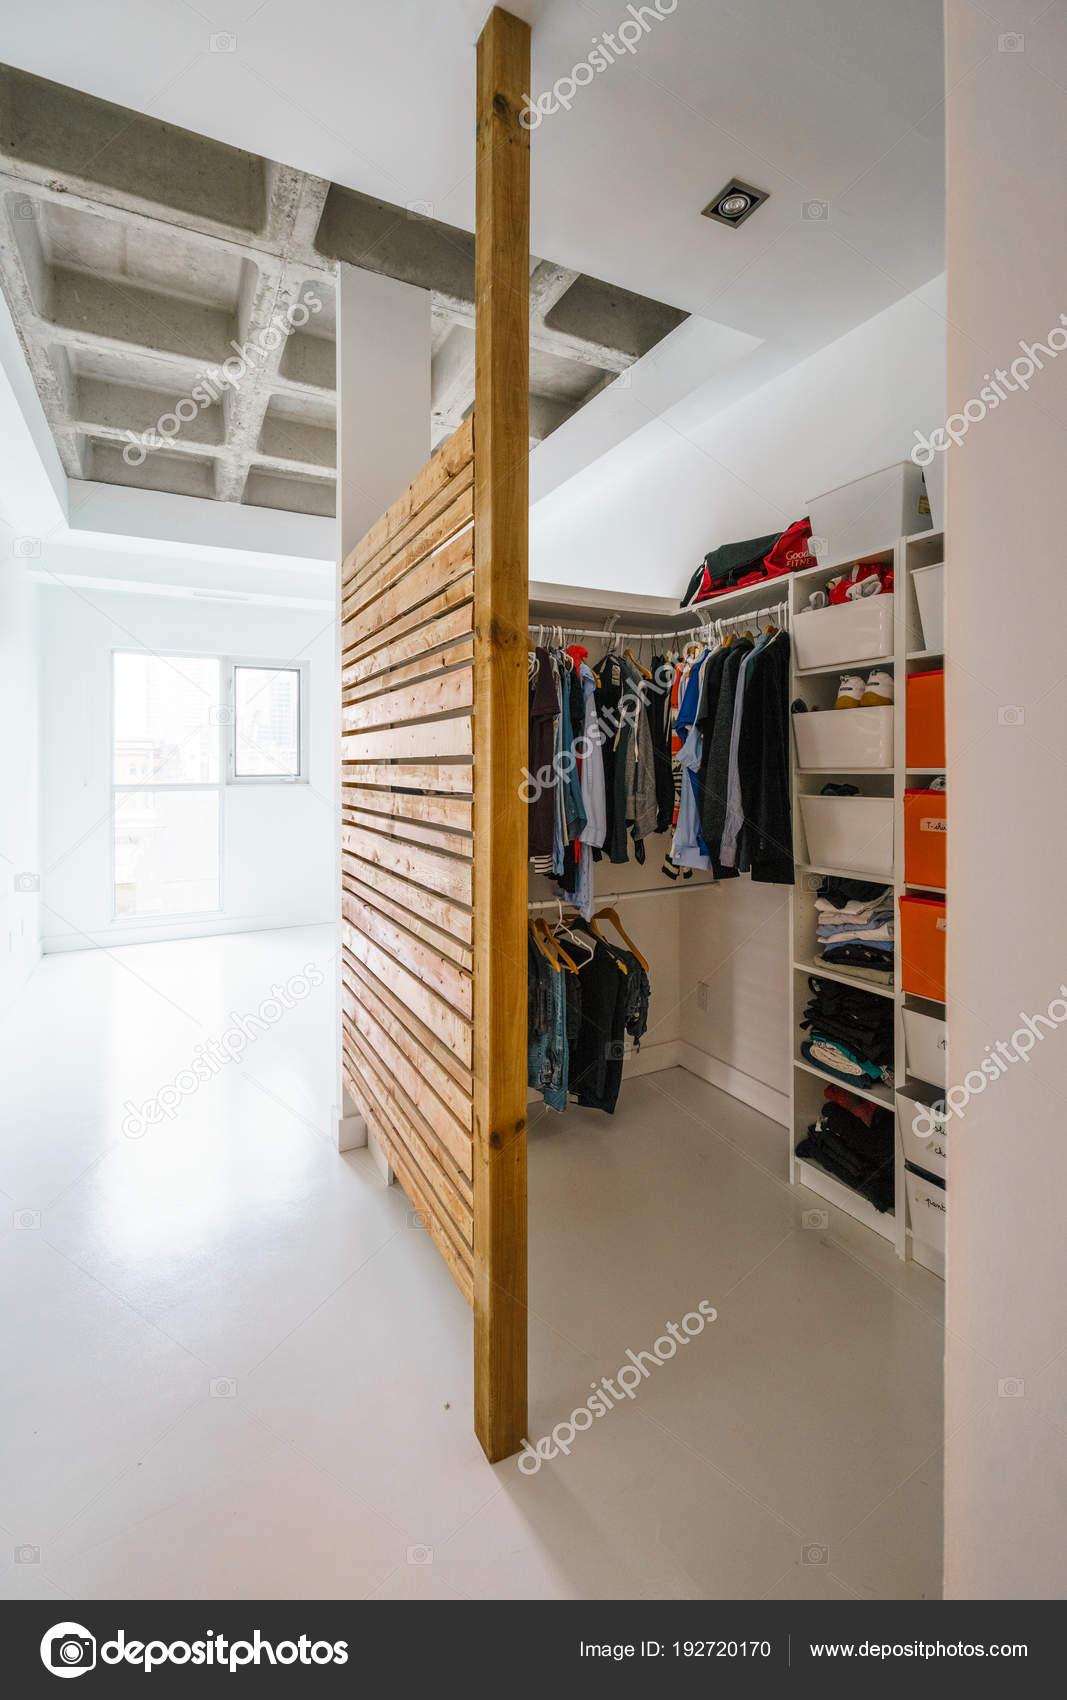 interieur appartement kamer met kledingkast stockfoto